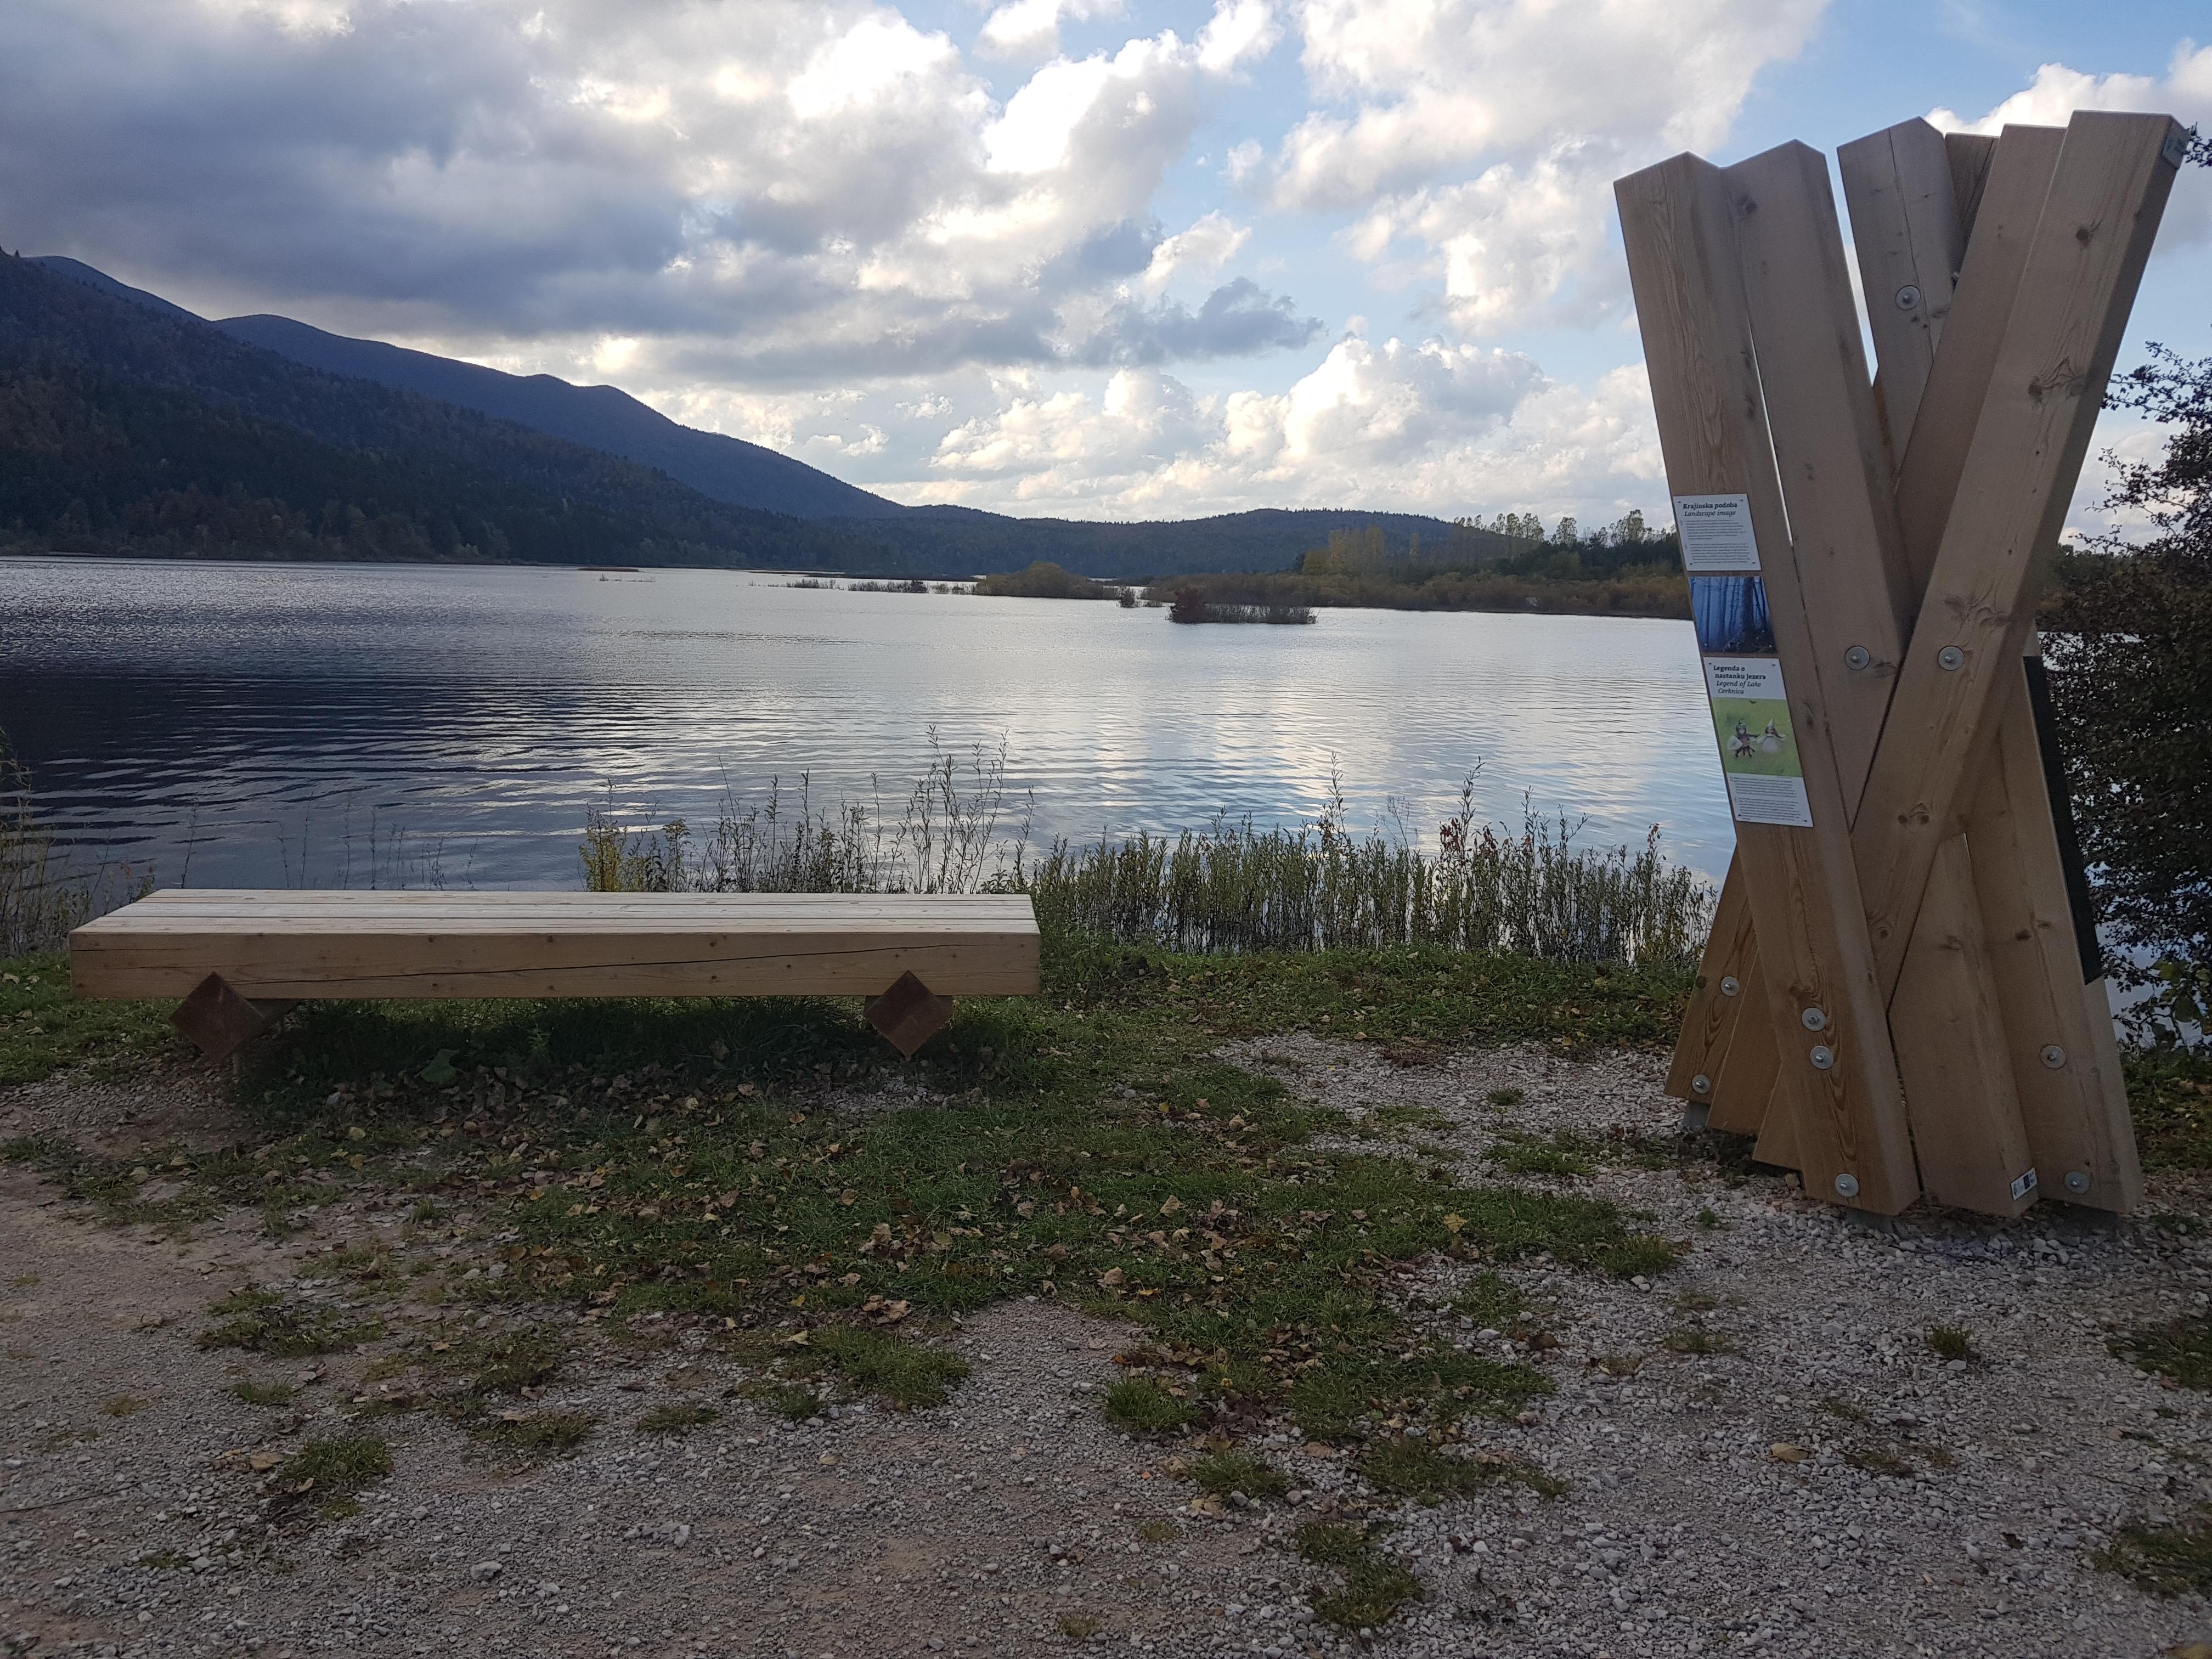 Točka Javorniki. Pot Drvošec - prvi del ki poteka čisto ob Cerkniškem jezeru. Foto Eva Kobe